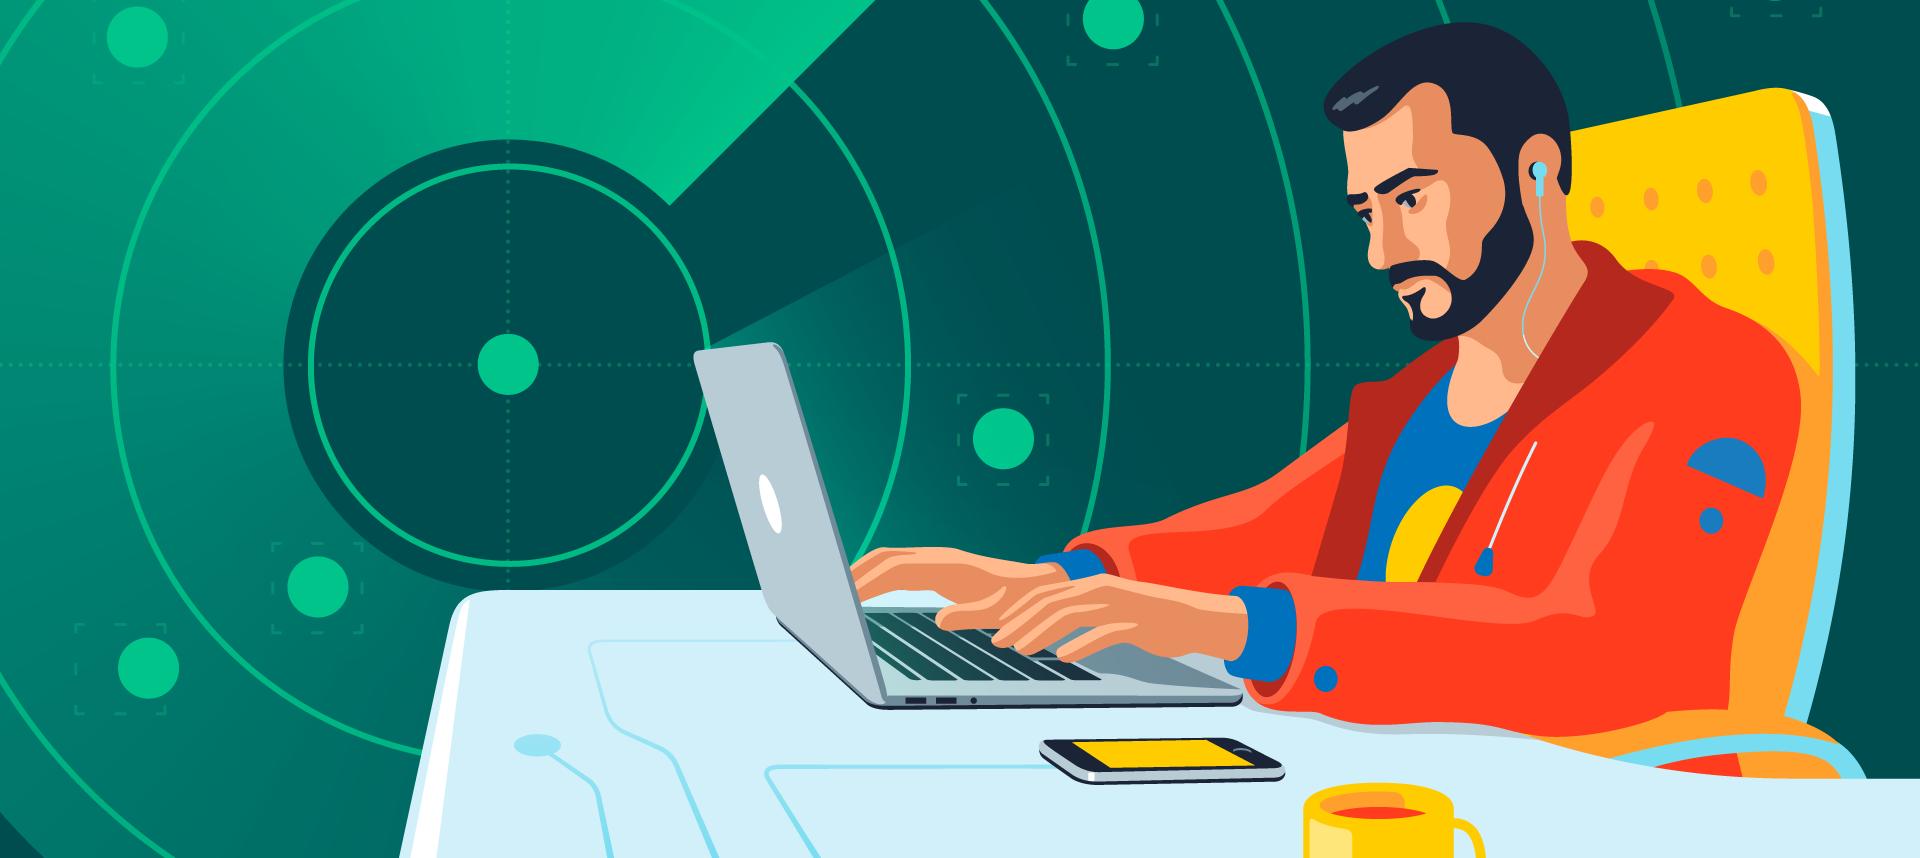 Алгоритмические задачи во фронтенде. Примеры и конкурс Яндекса - 1